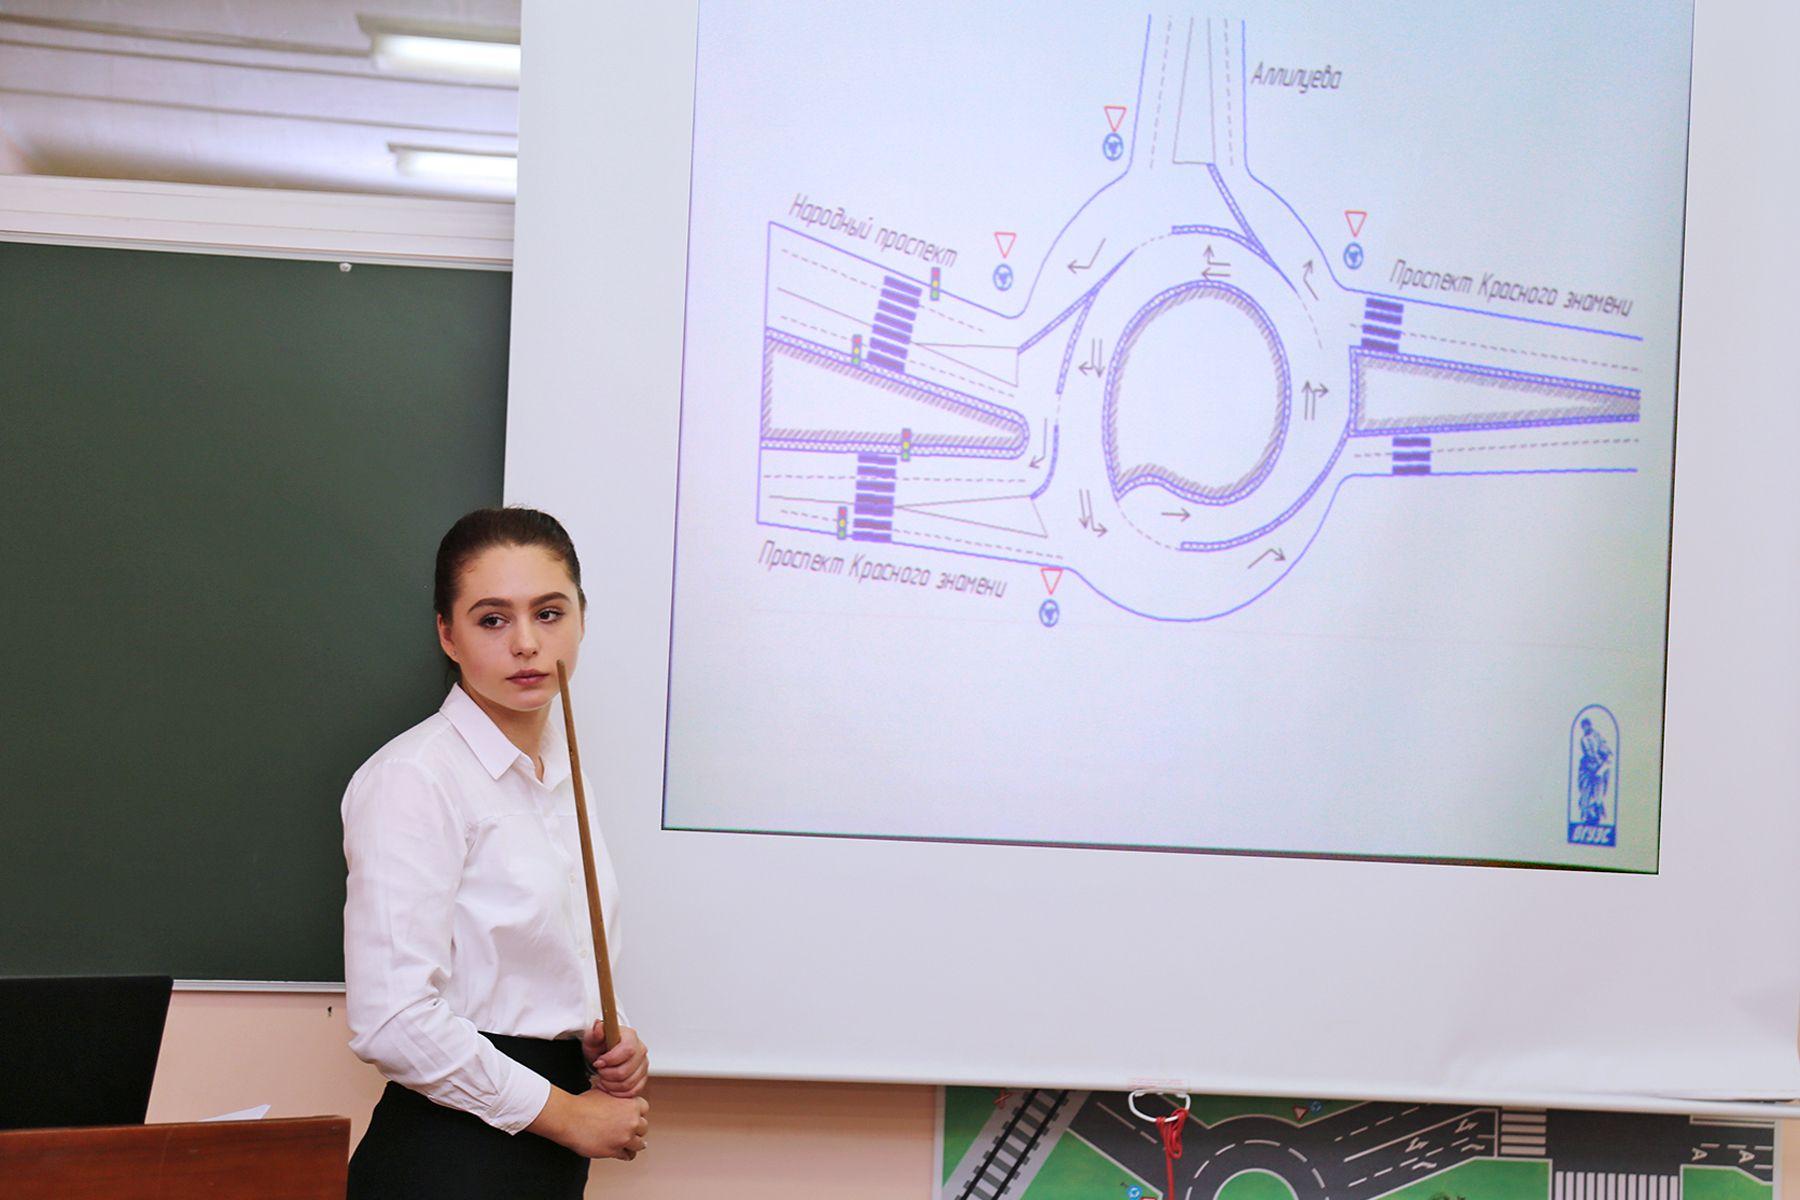 Выпускники ВГУЭС строят дорогу в будущее: какие идеи из дипломных проектов улучшат дорожно-транспортную ситуацию в городе?